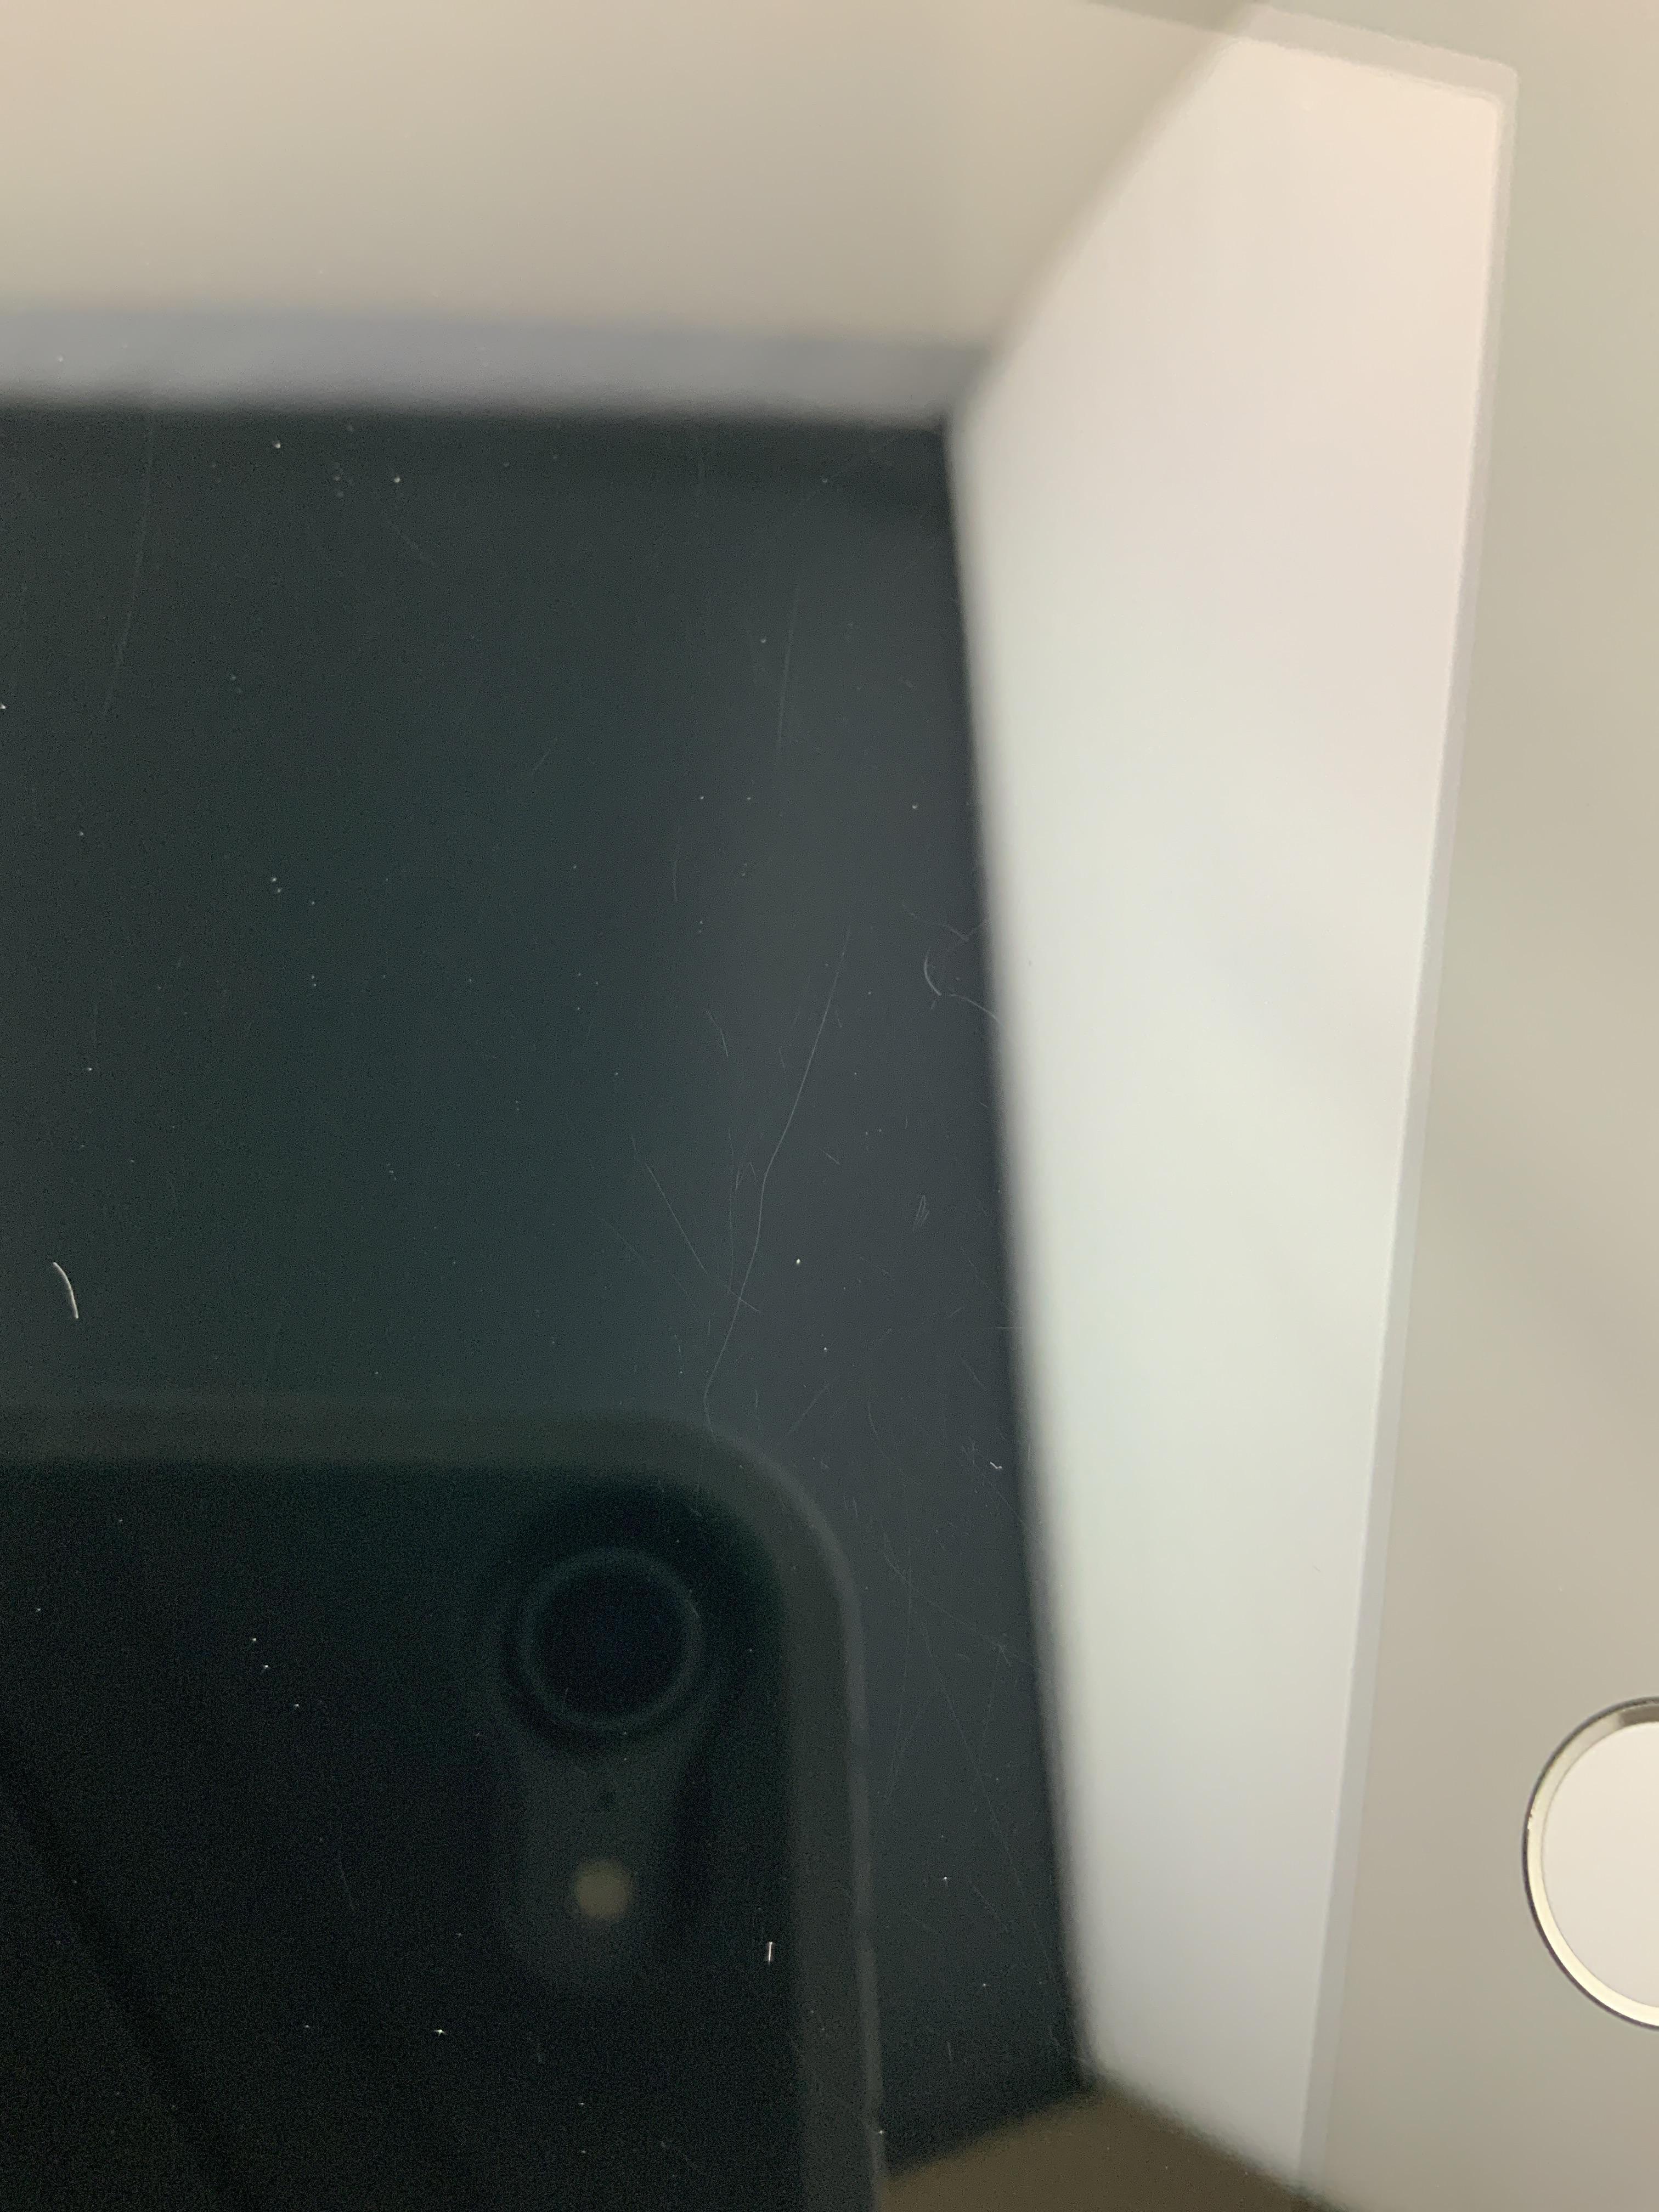 iPad 6 Wi-Fi 32GB, 32GB, Space Gray, immagine 3